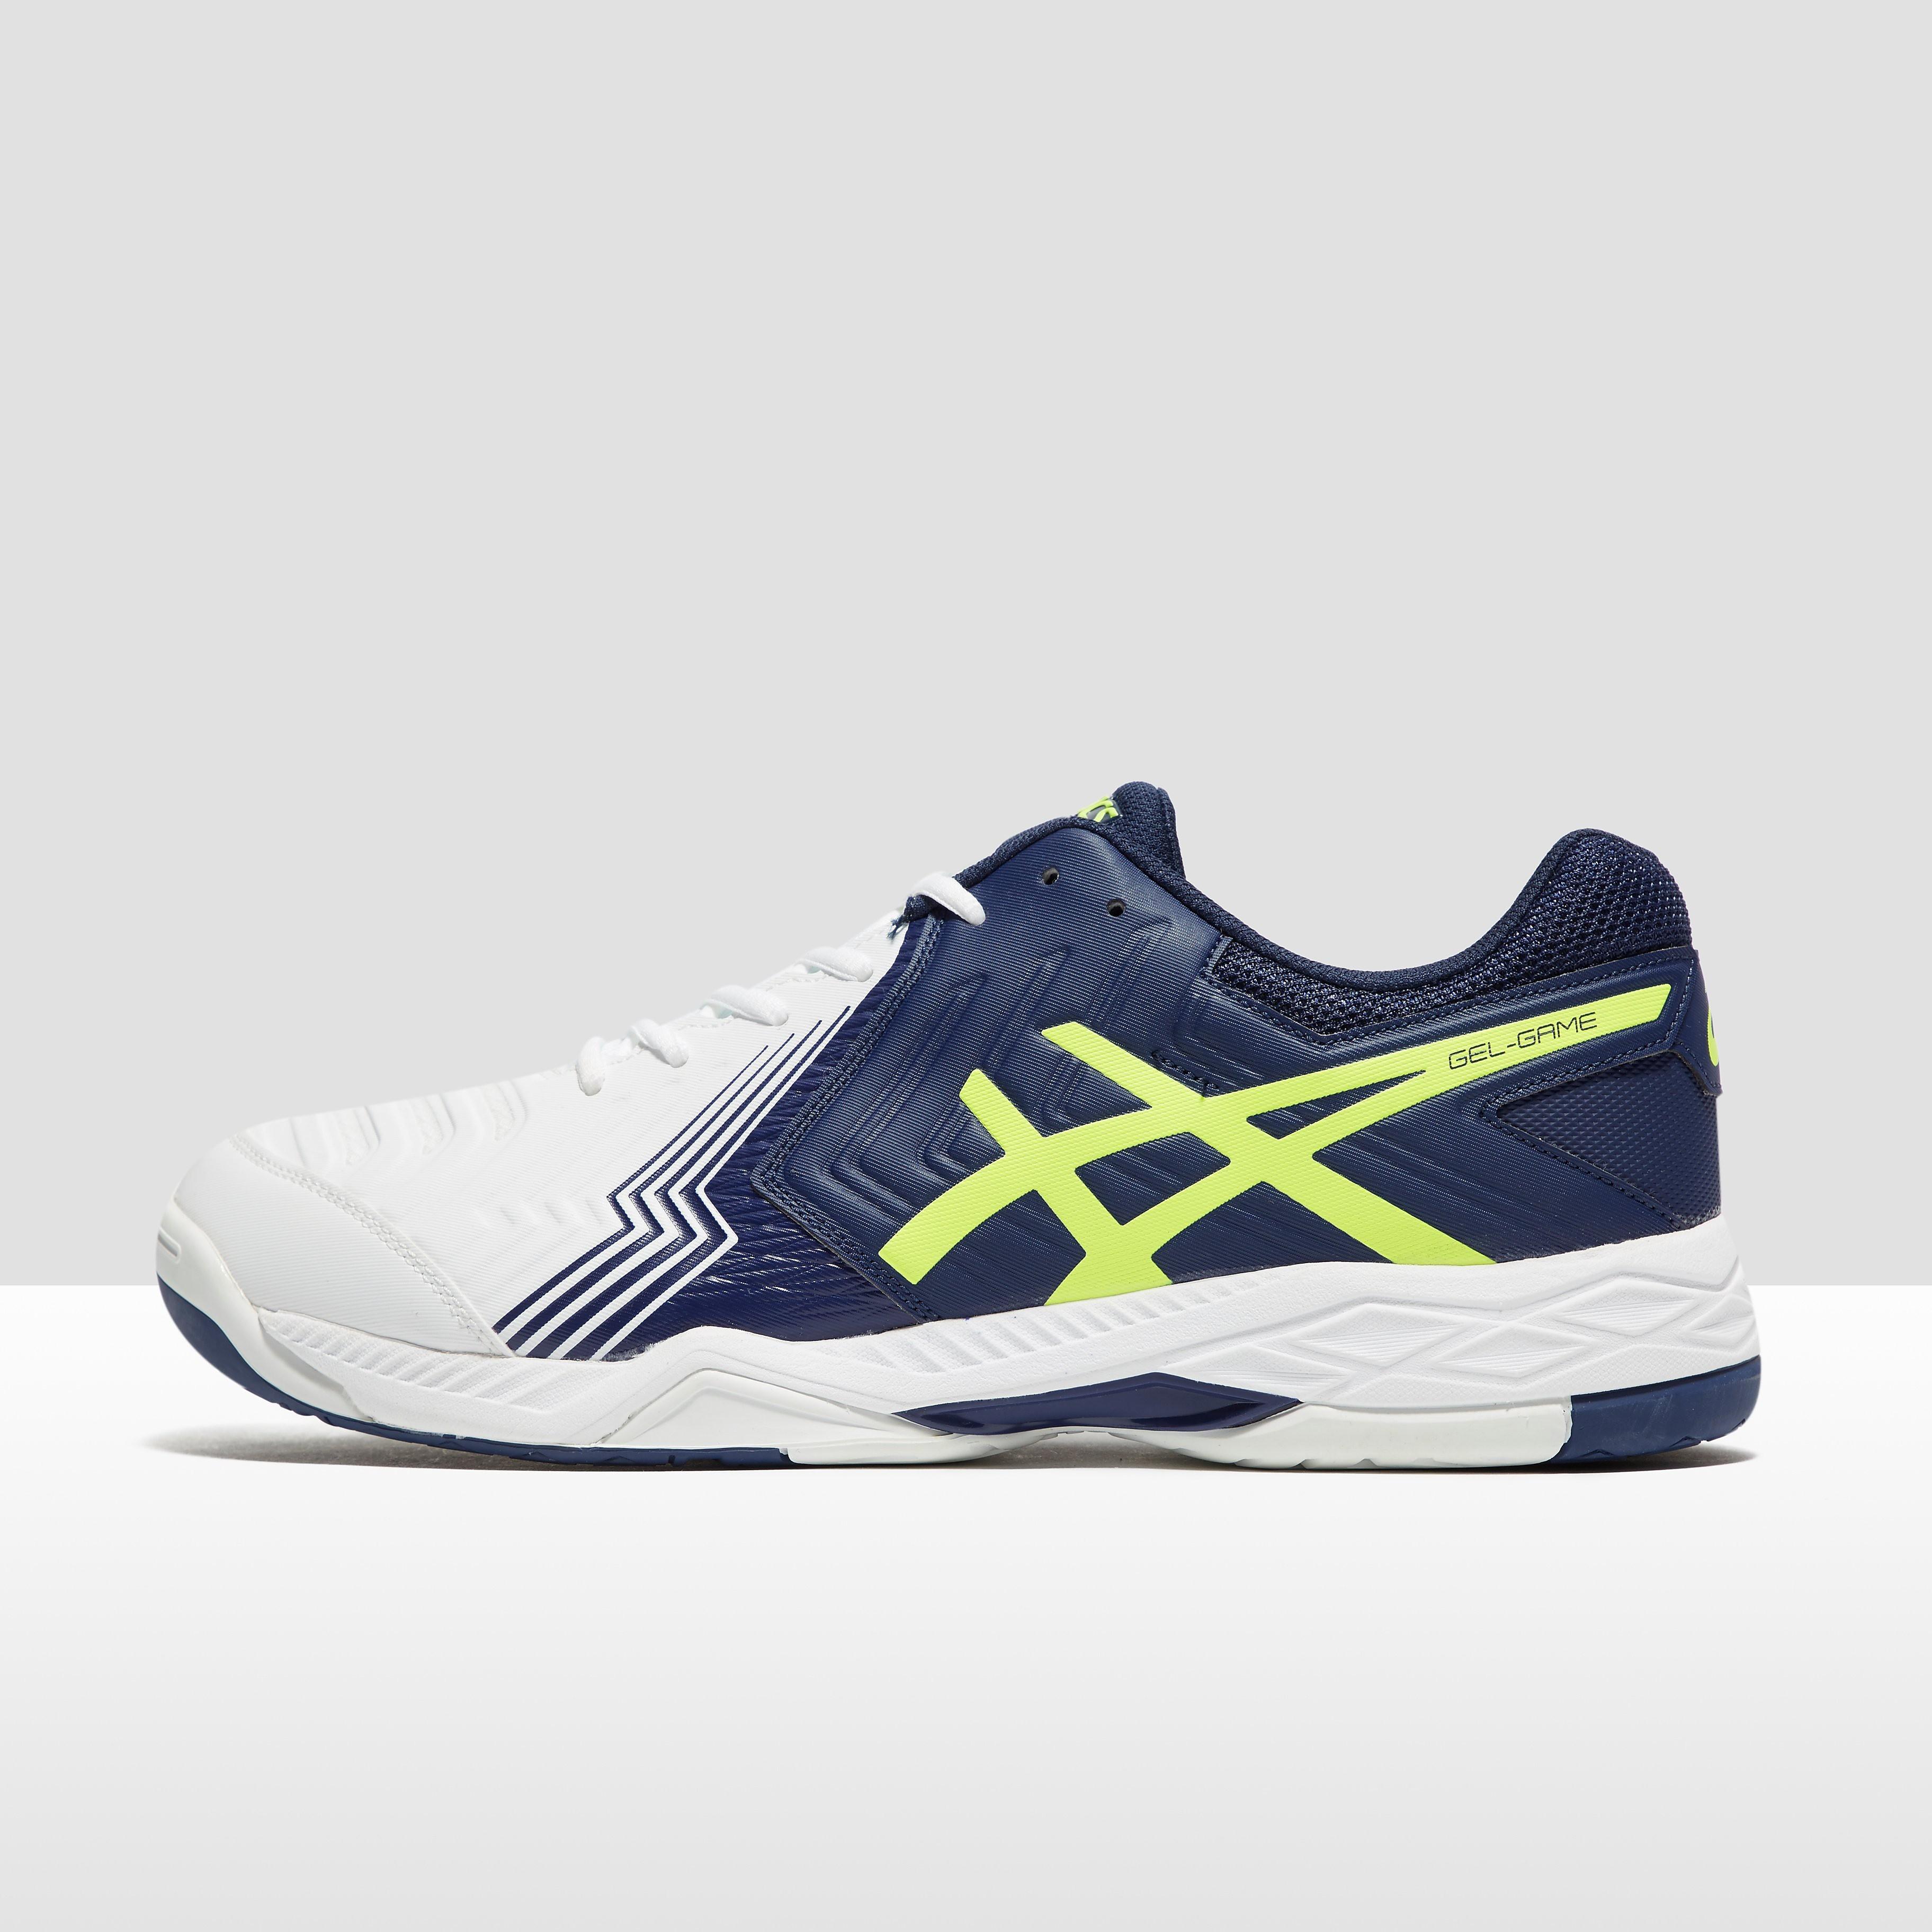 ASICS Men's GEL Game 6 Tennis Shoes